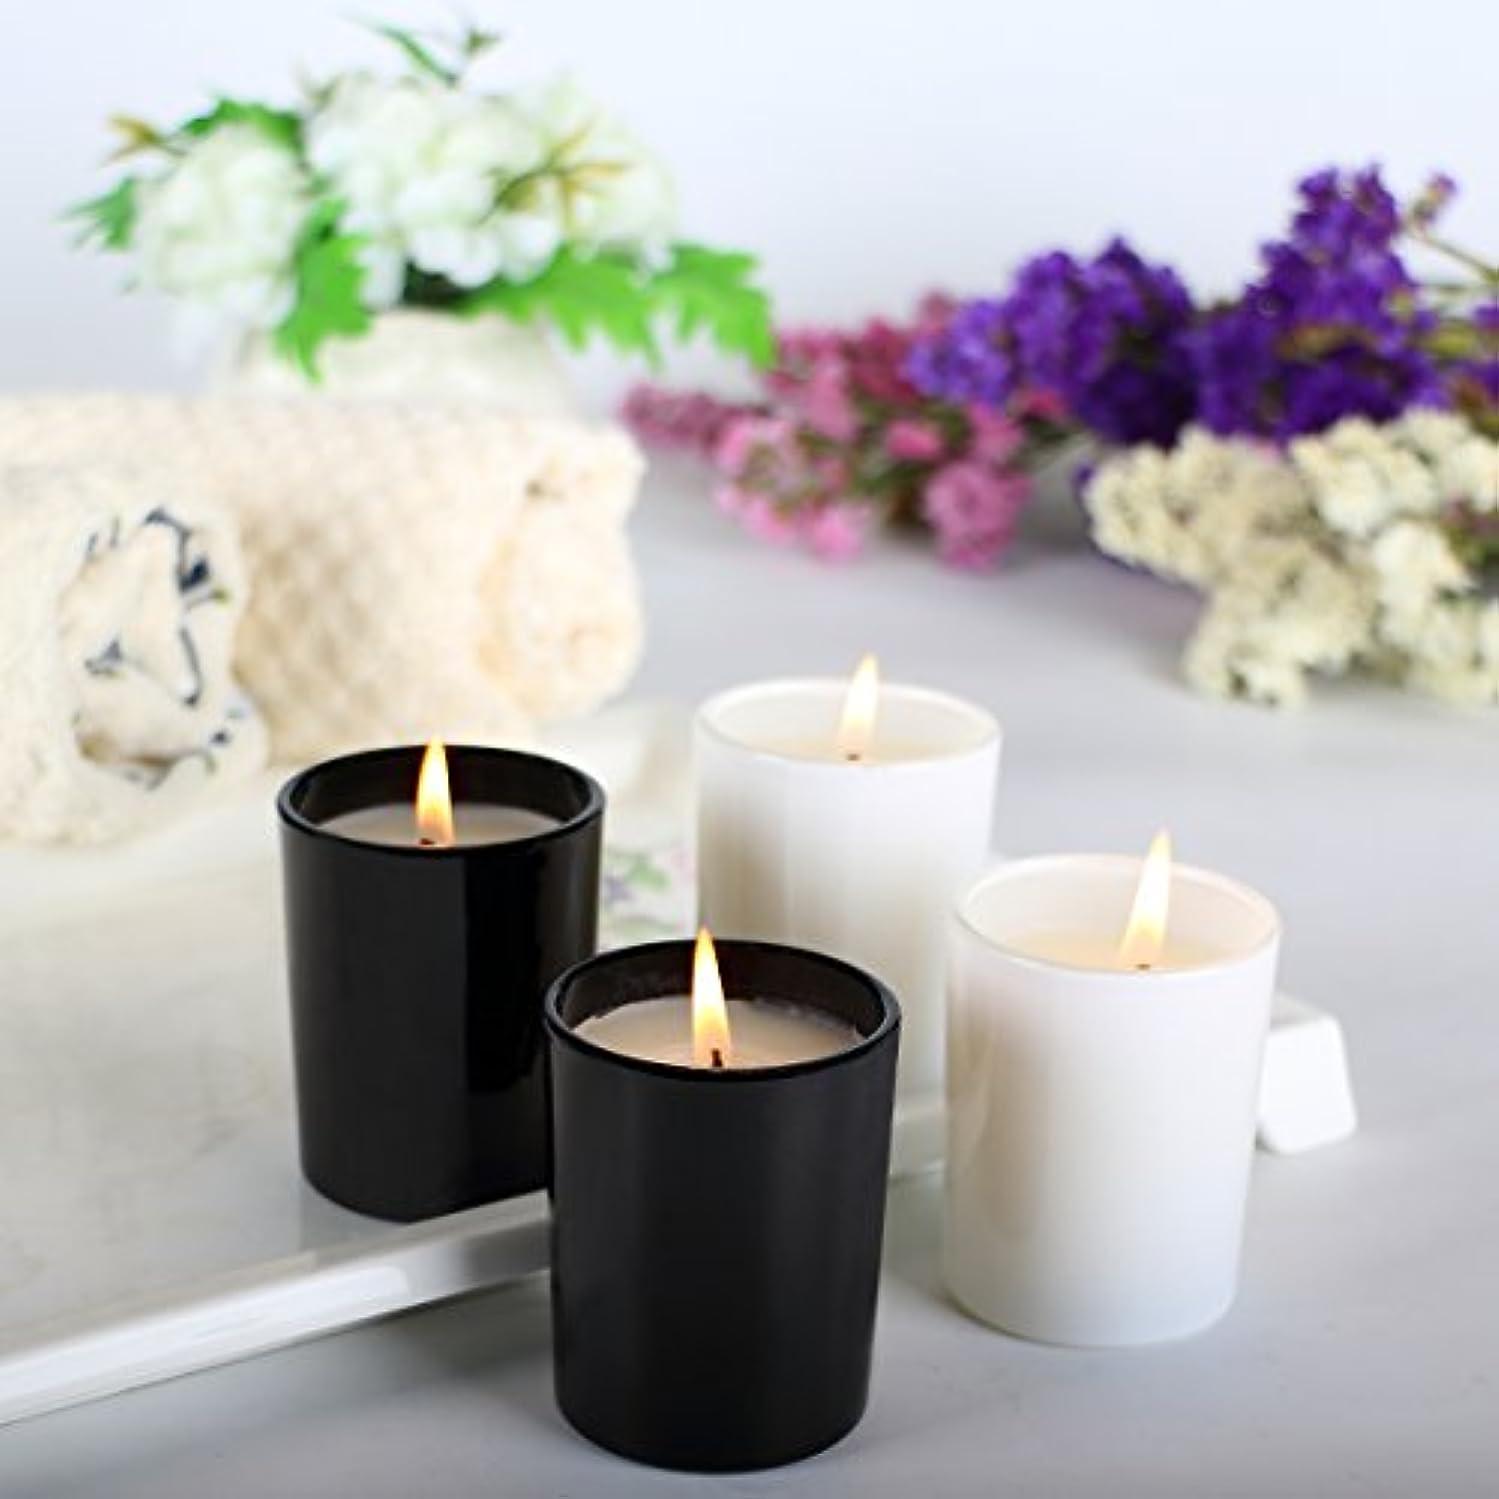 偶然のもし疑問に思う(4 70ml) - Scented Candle, Pack 4 Candles - Includes Gardenia, Lemongrass, Pine, Vanilla Soy Candles for Stress...